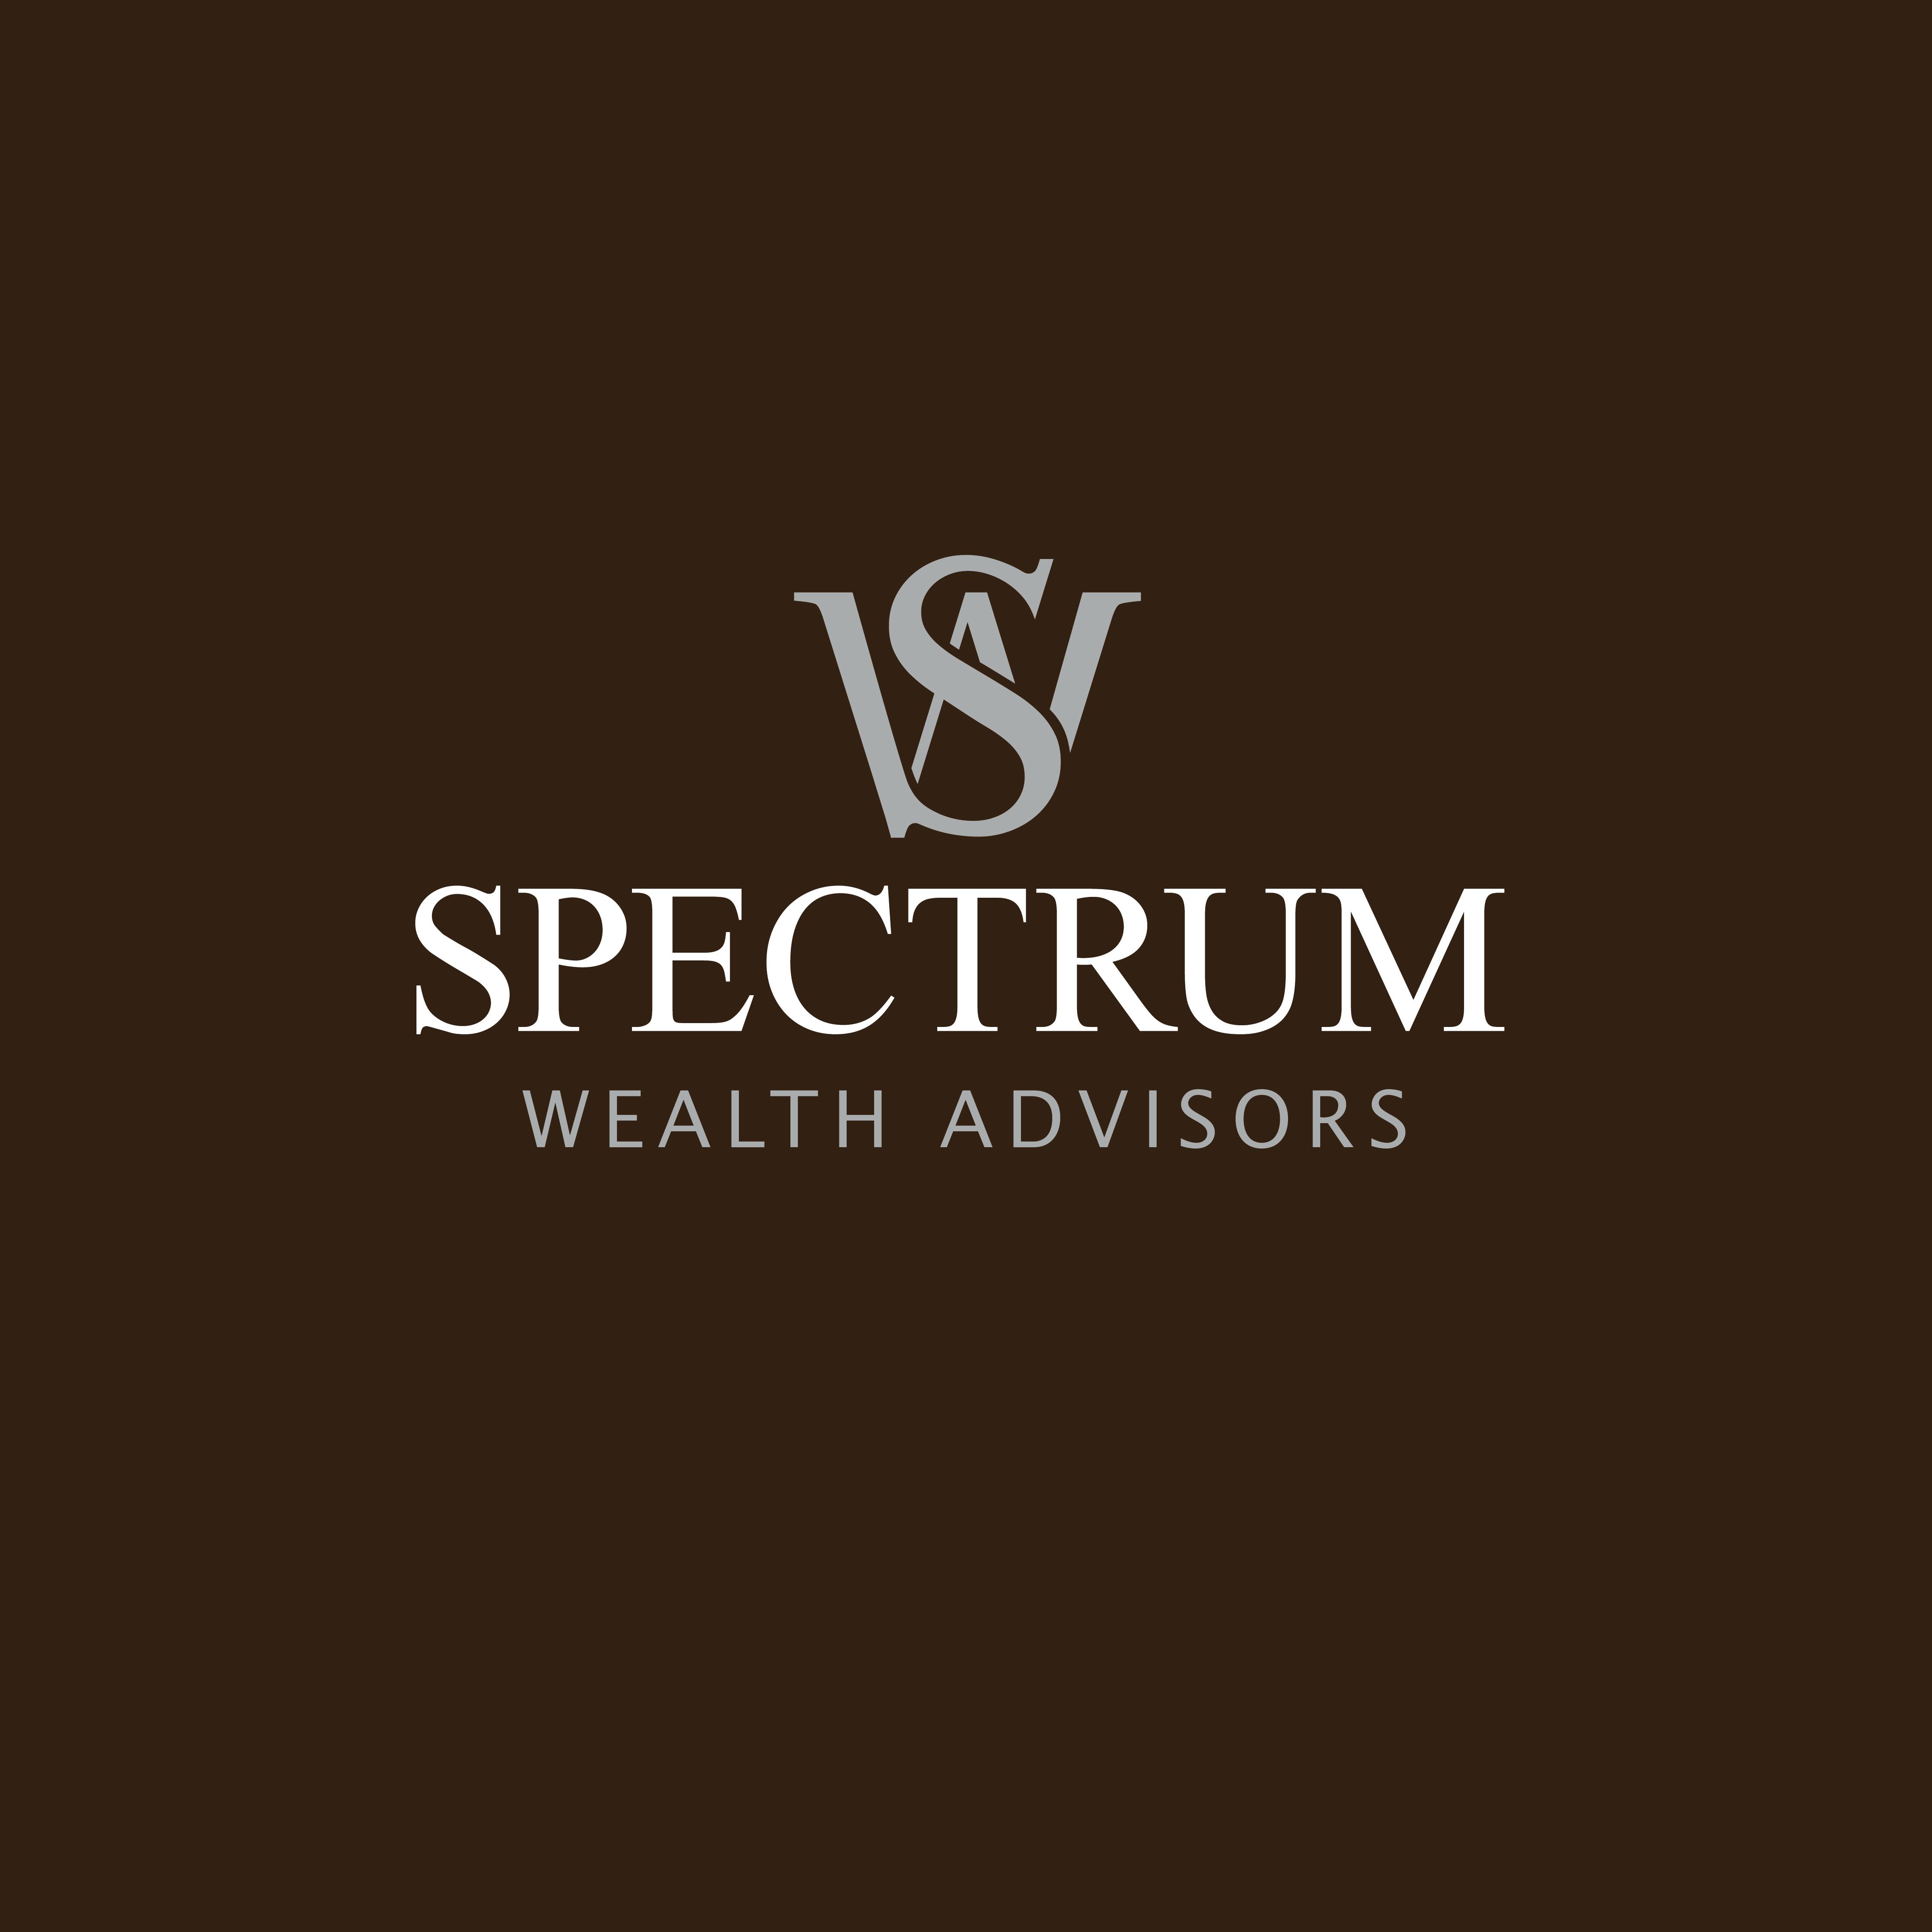 Spectrum Wealth Advisors | Identity